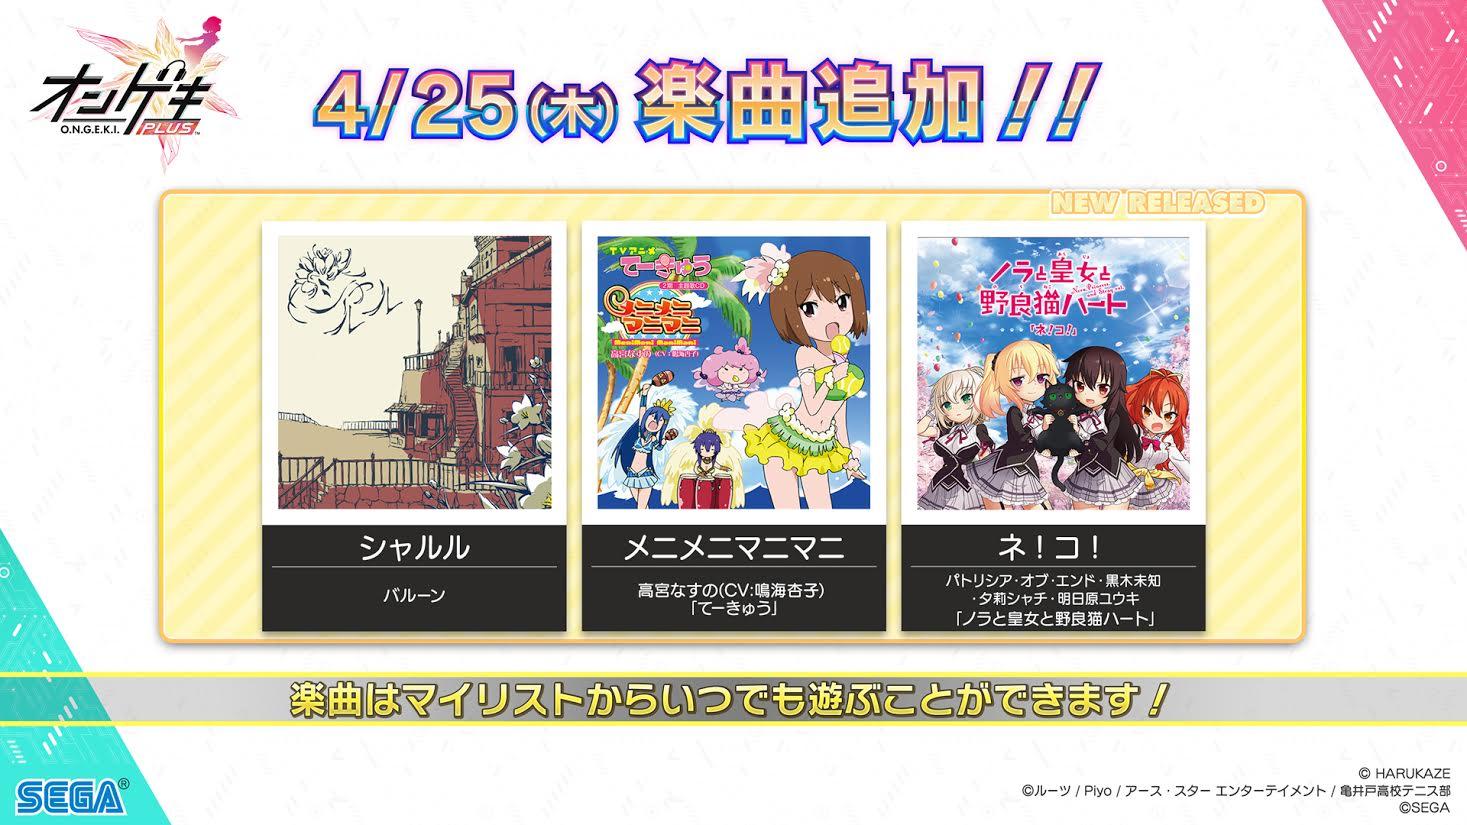 4/25(木)~セガ「オンゲキ」にTVアニメ「ノラとと」OP「ネ!コ!」収録決定!